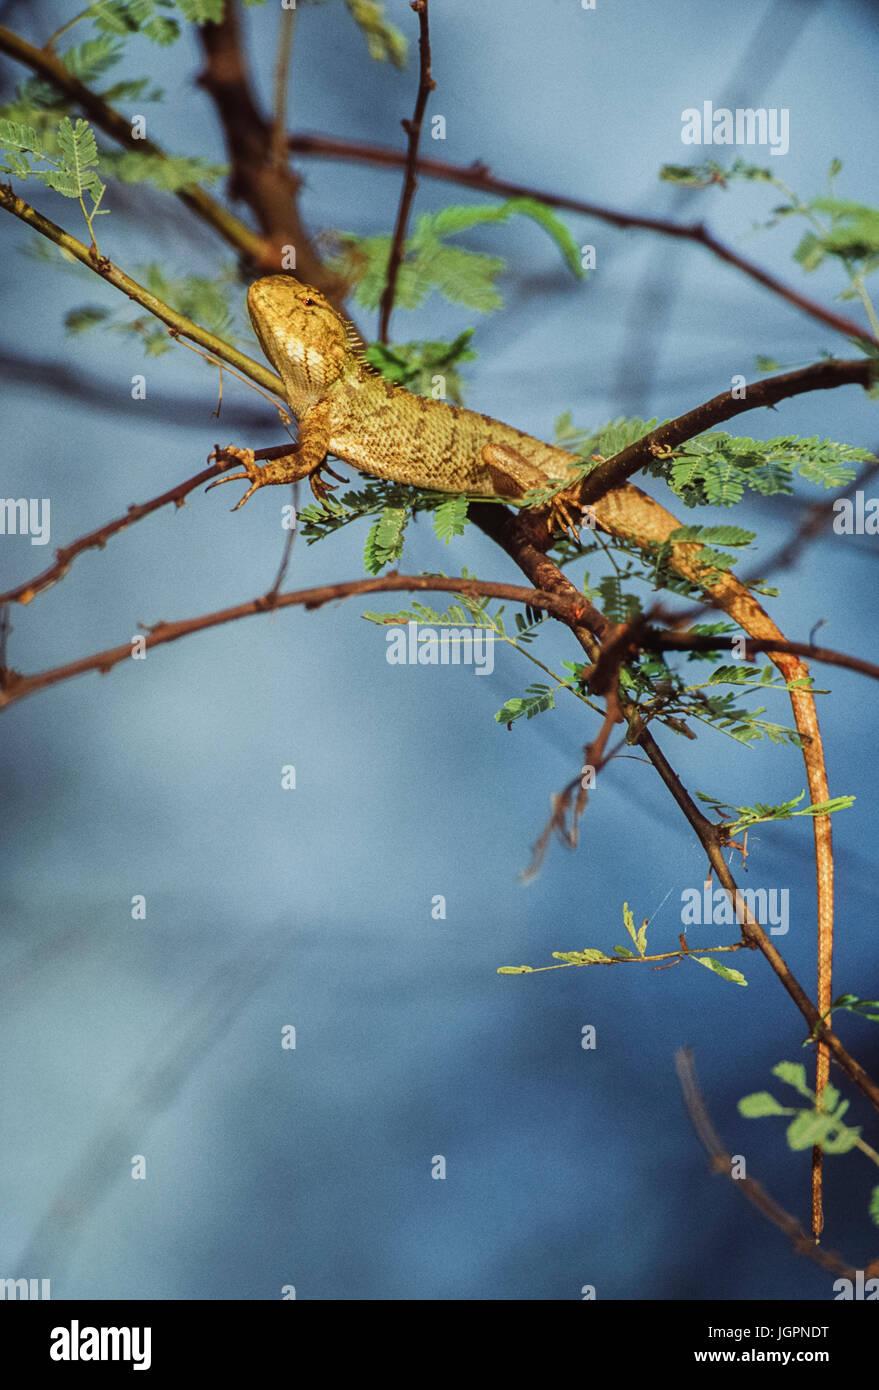 Indian Garden Lizard, Oriental Garden Lizard, Eastern Garden Lizard or Changeable Lizard , (Calotes versicolor), Stock Photo